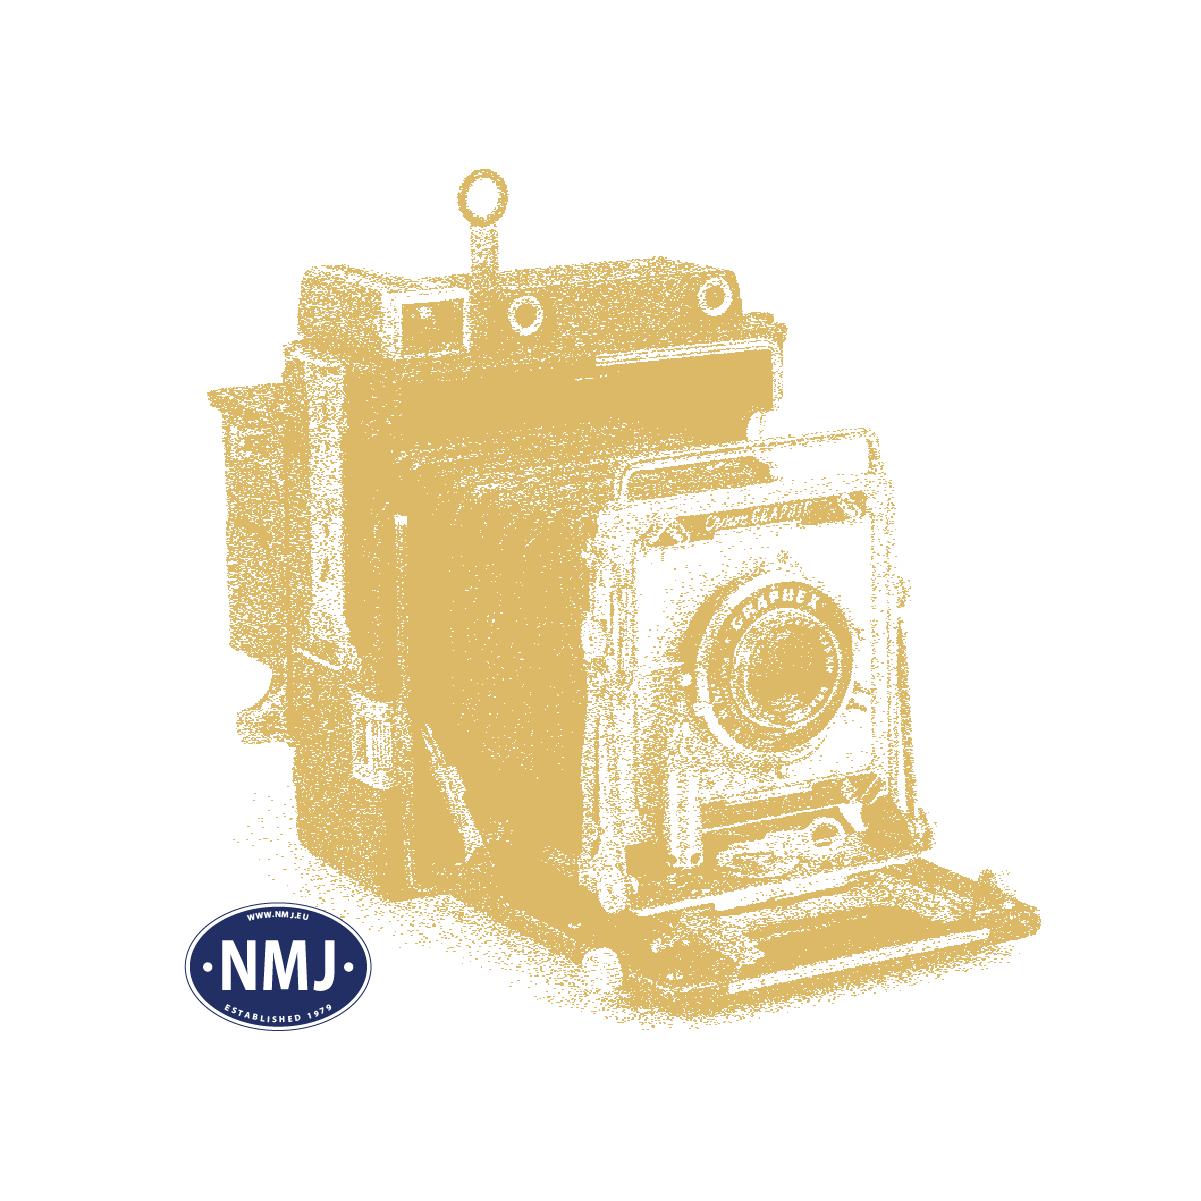 NMJT506.303 - NMJ Topline NSB Gbs 150 0 111-2, Reisegodsvogn